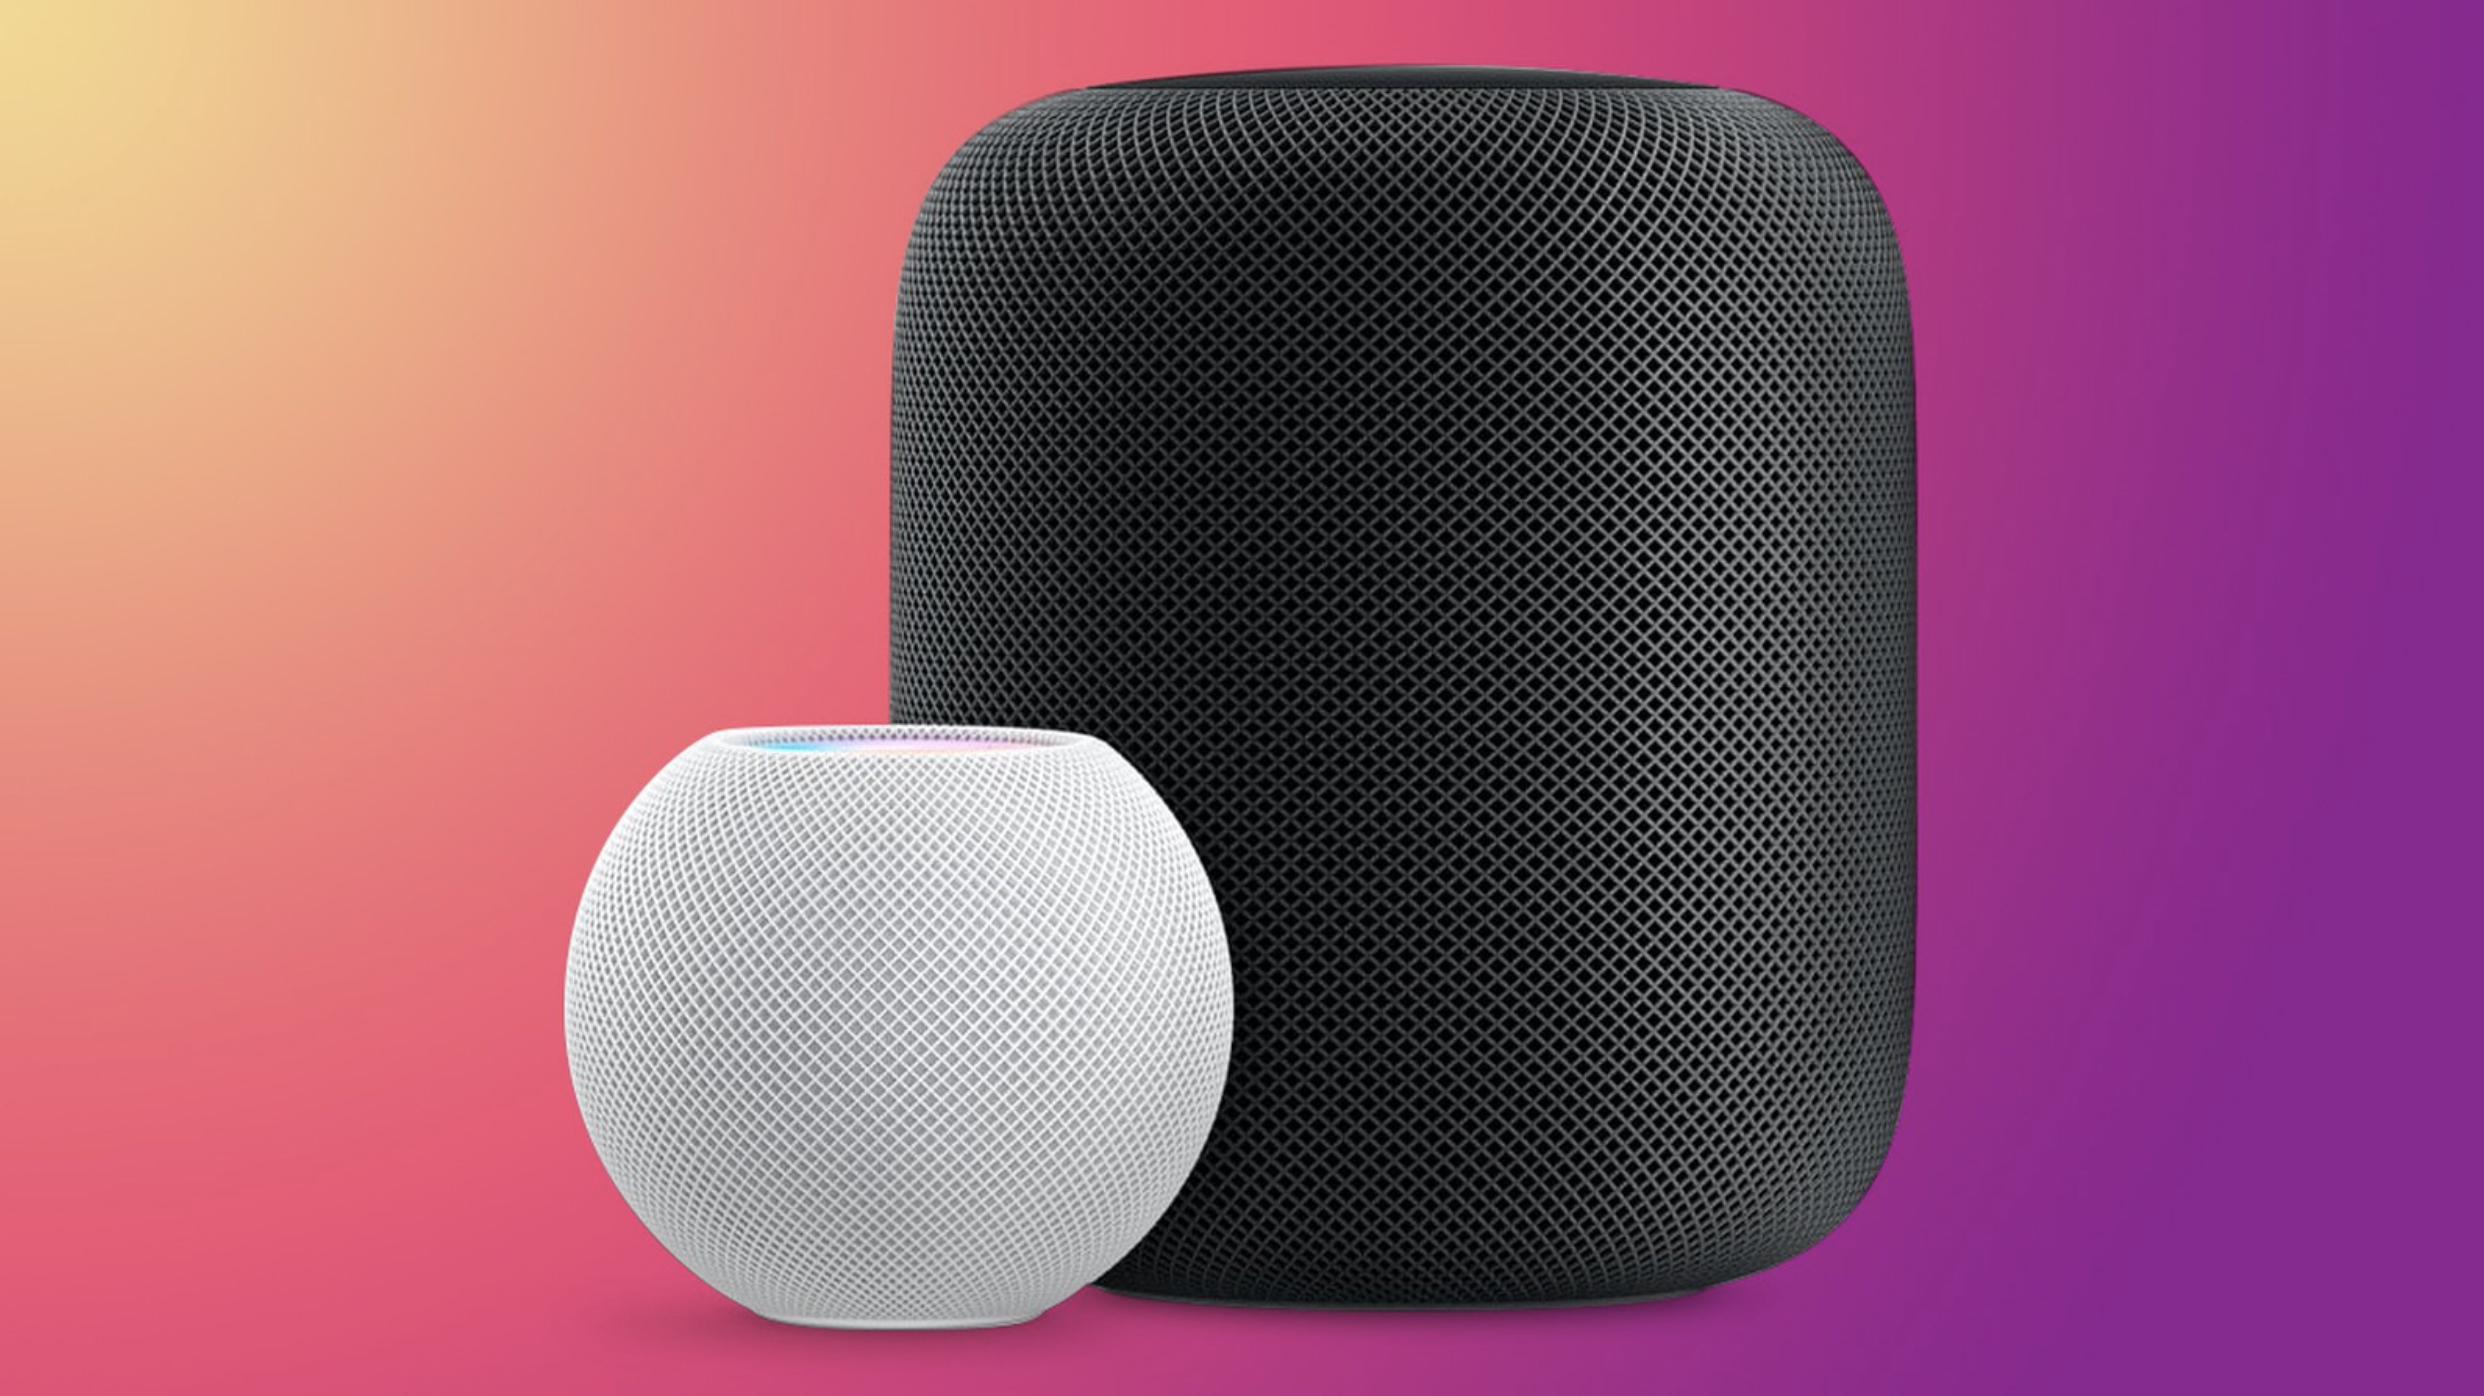 Obrazek przedstawia głośniki HomePod i HomePod Mini, które będą kompatybilne z funkcją Apple Music Lossless.